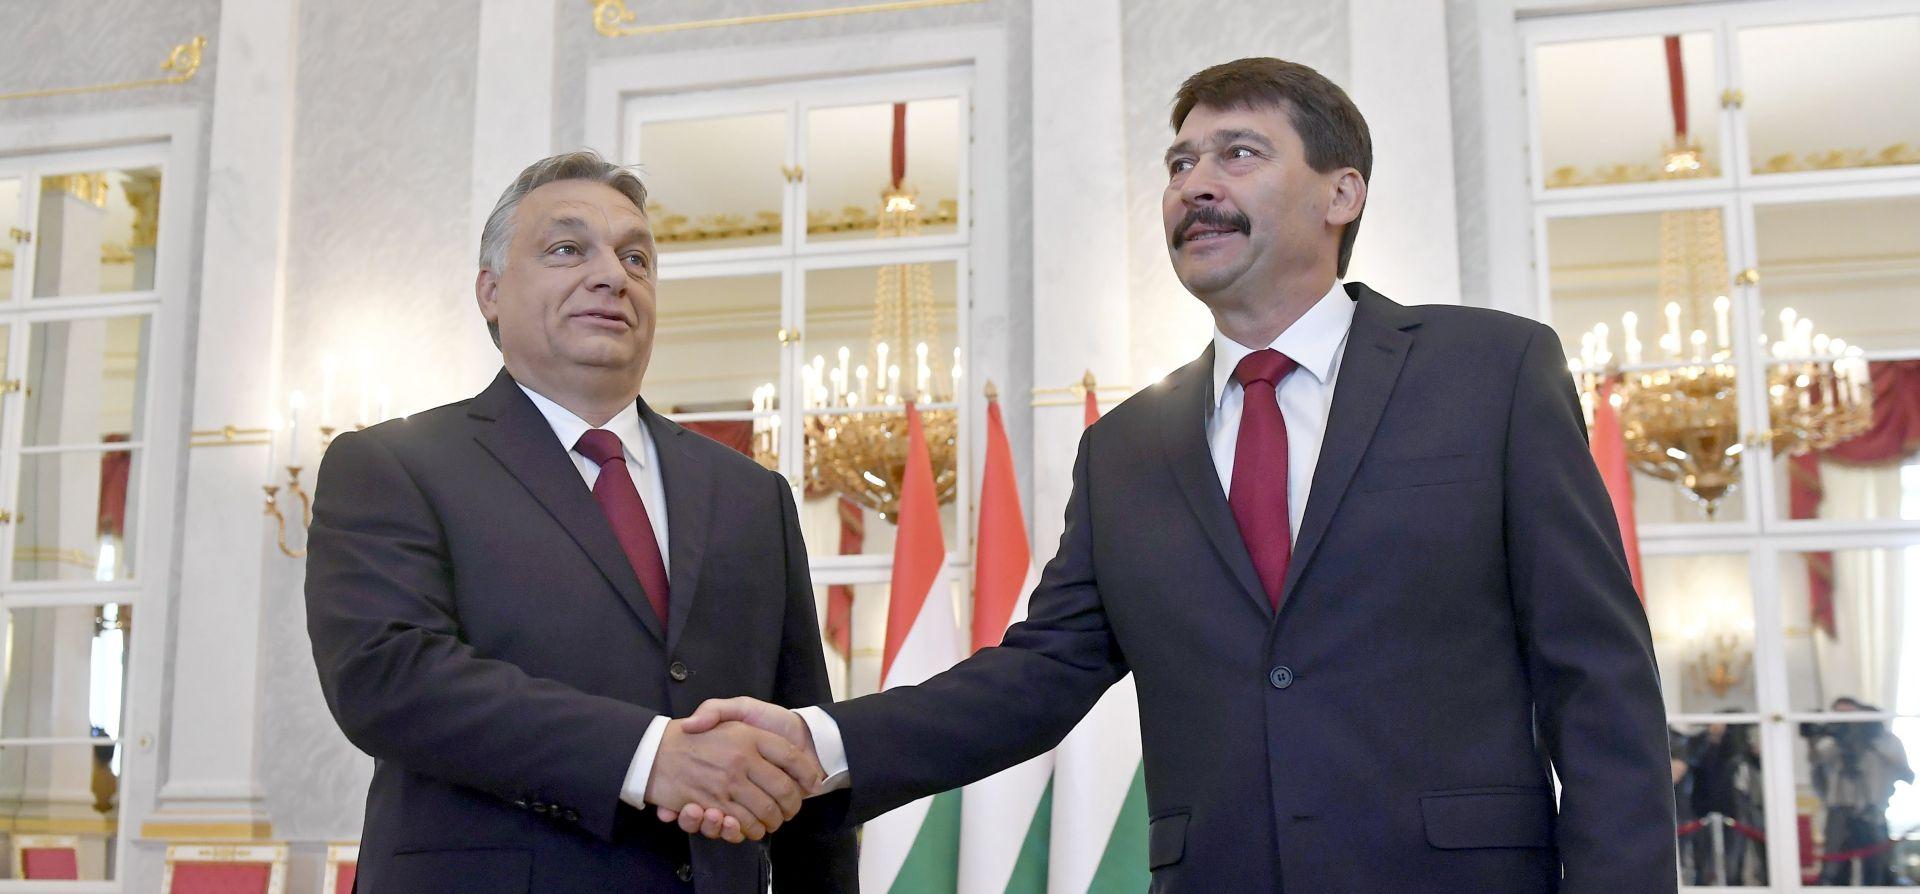 Viktor Orban počinje novi mandat